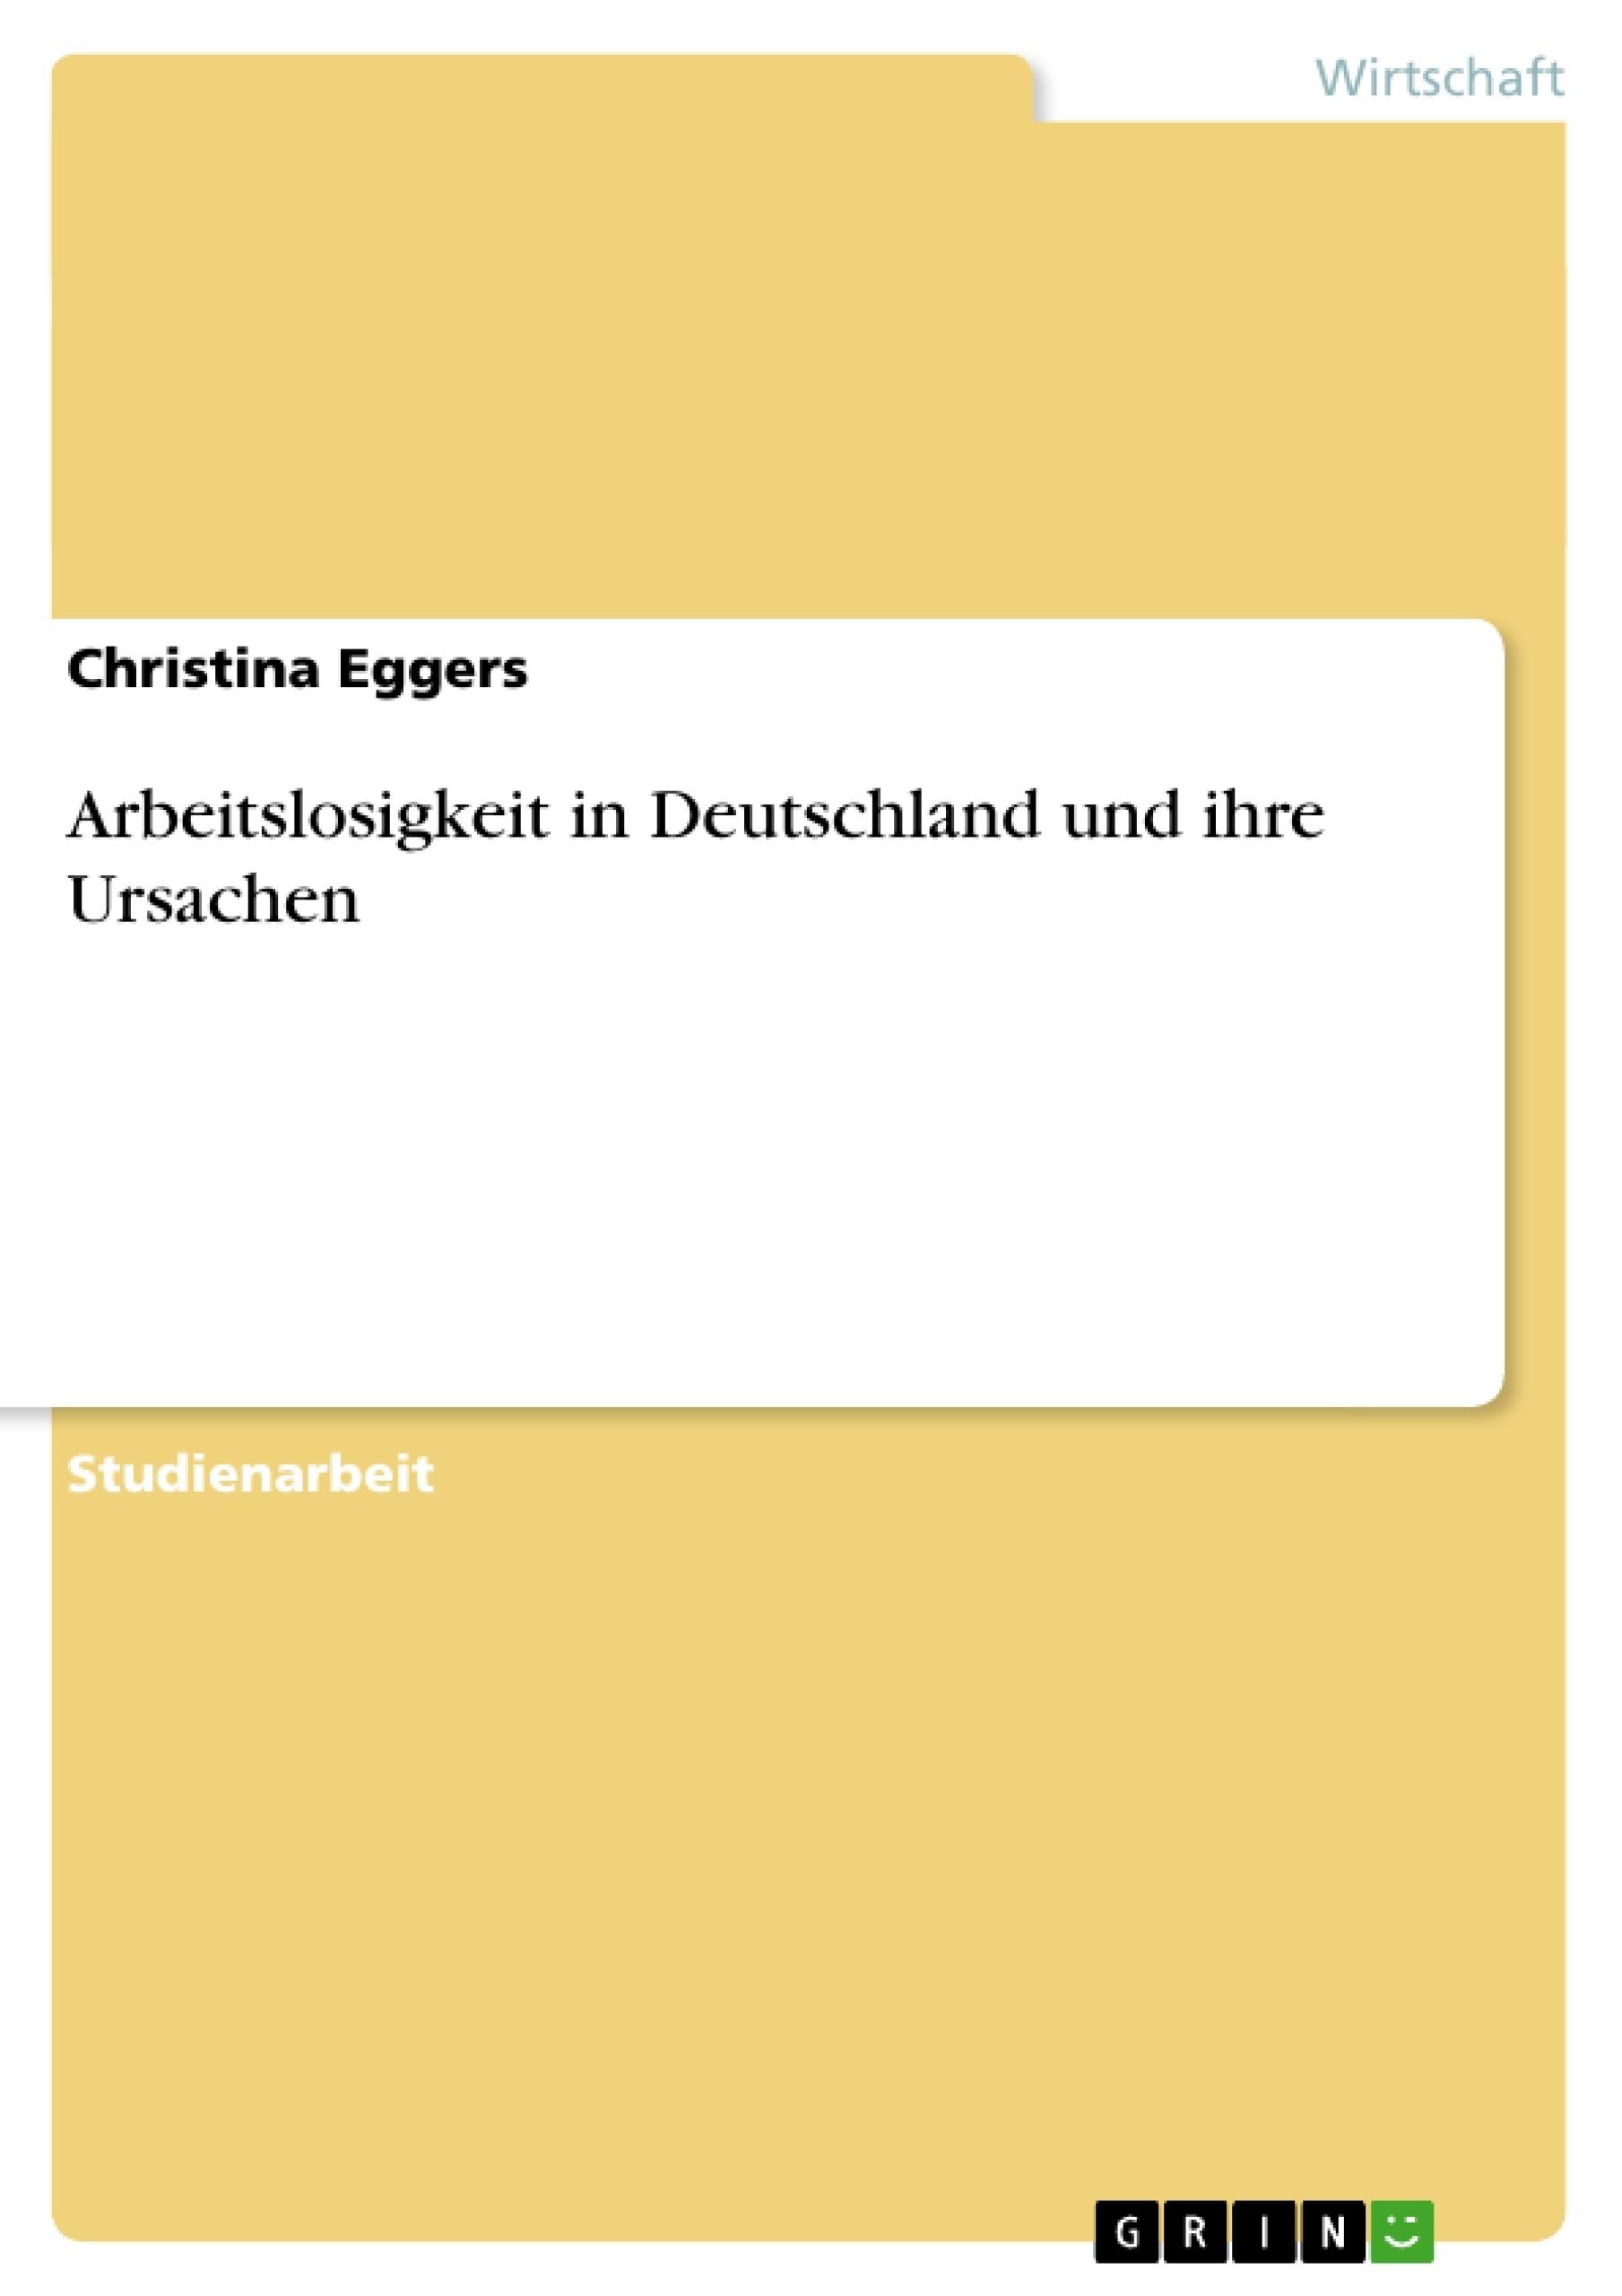 Titel: Arbeitslosigkeit in Deutschland und ihre Ursachen